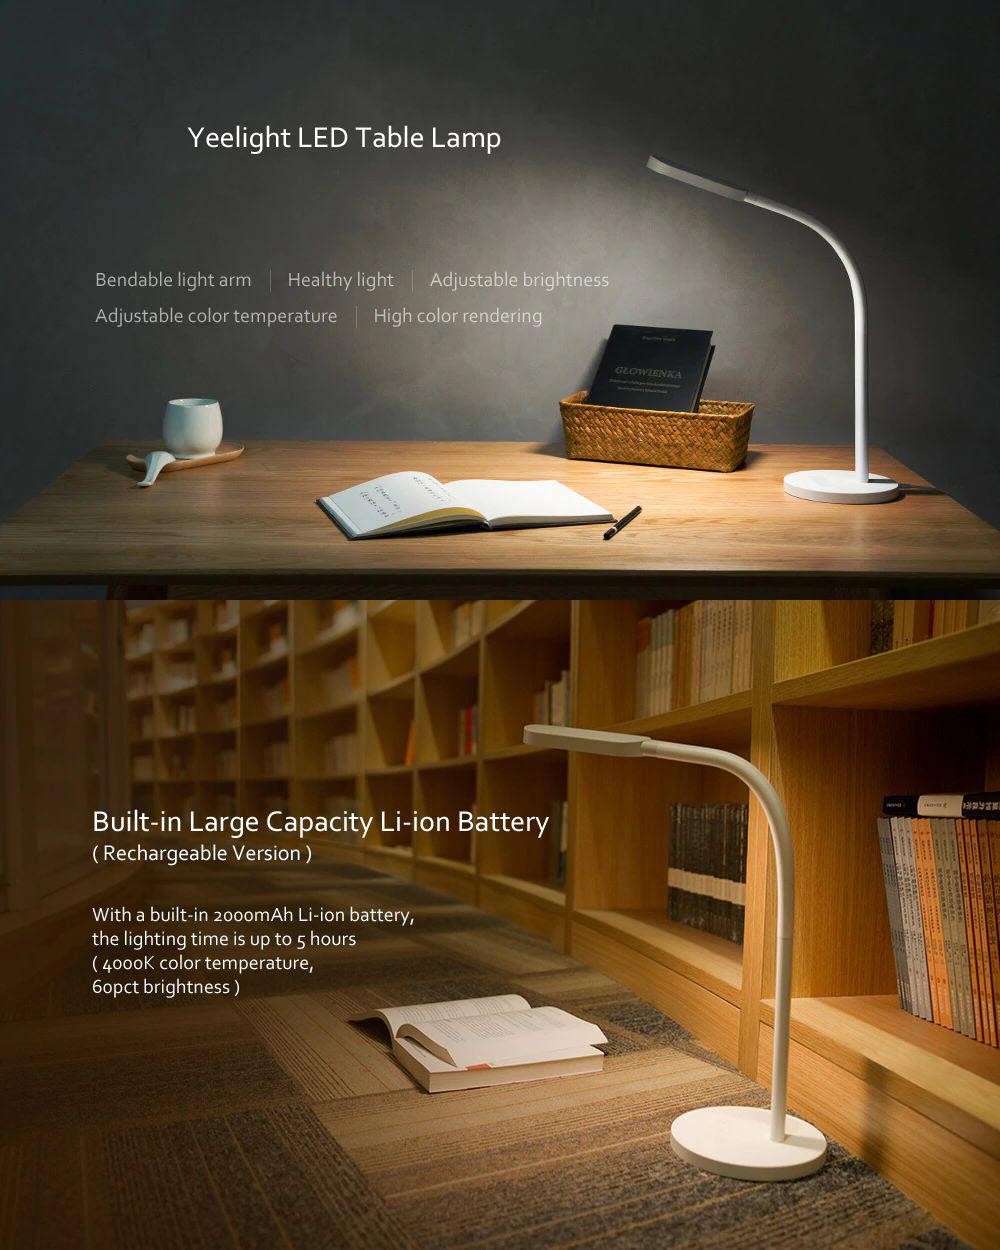 Xiaomi Yeelight Led Desk Lamp Rechargeable (5)